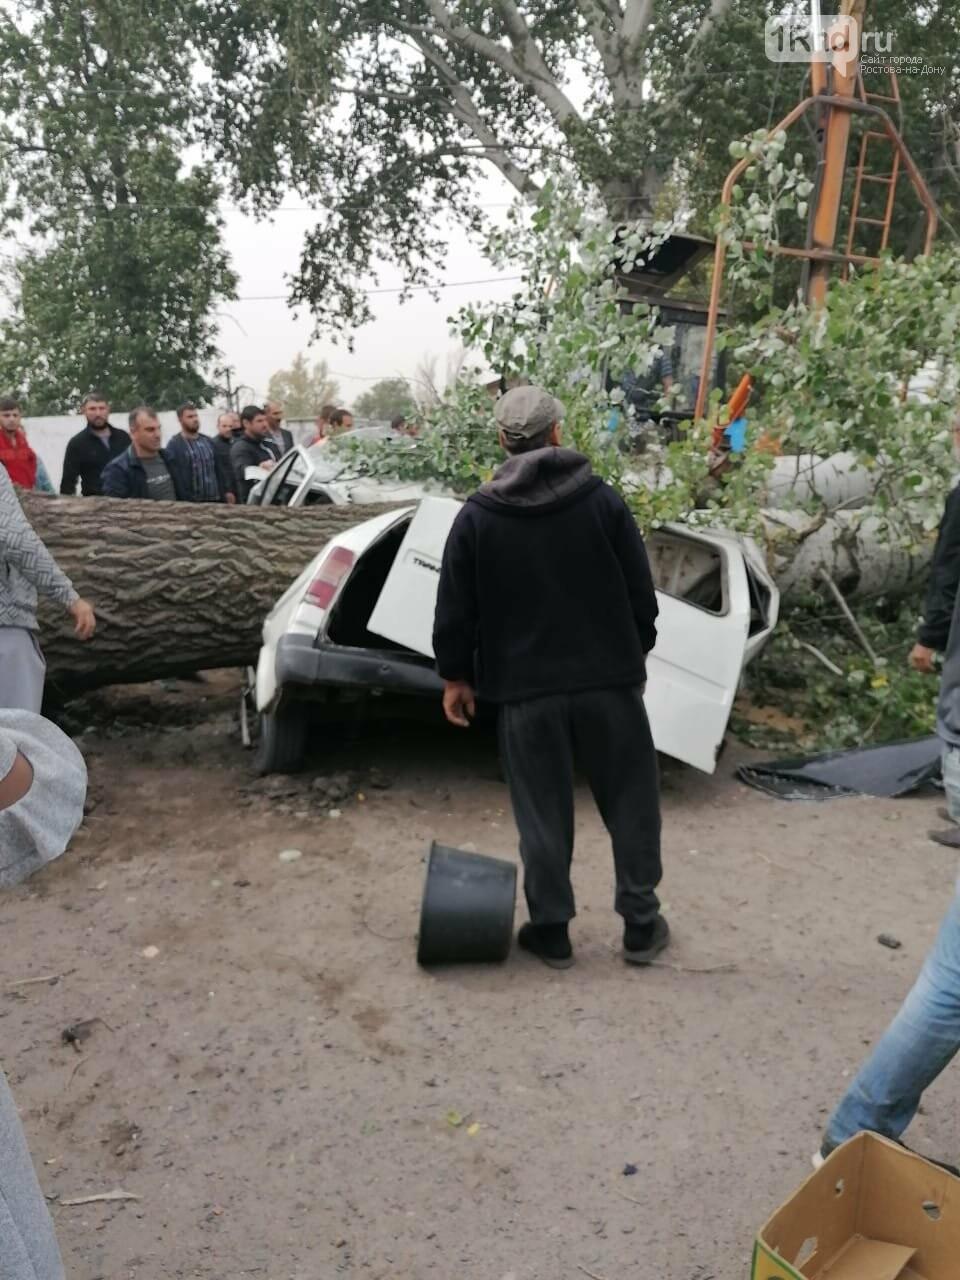 Дерево смяло машину с пассажирами в станице Багаевской